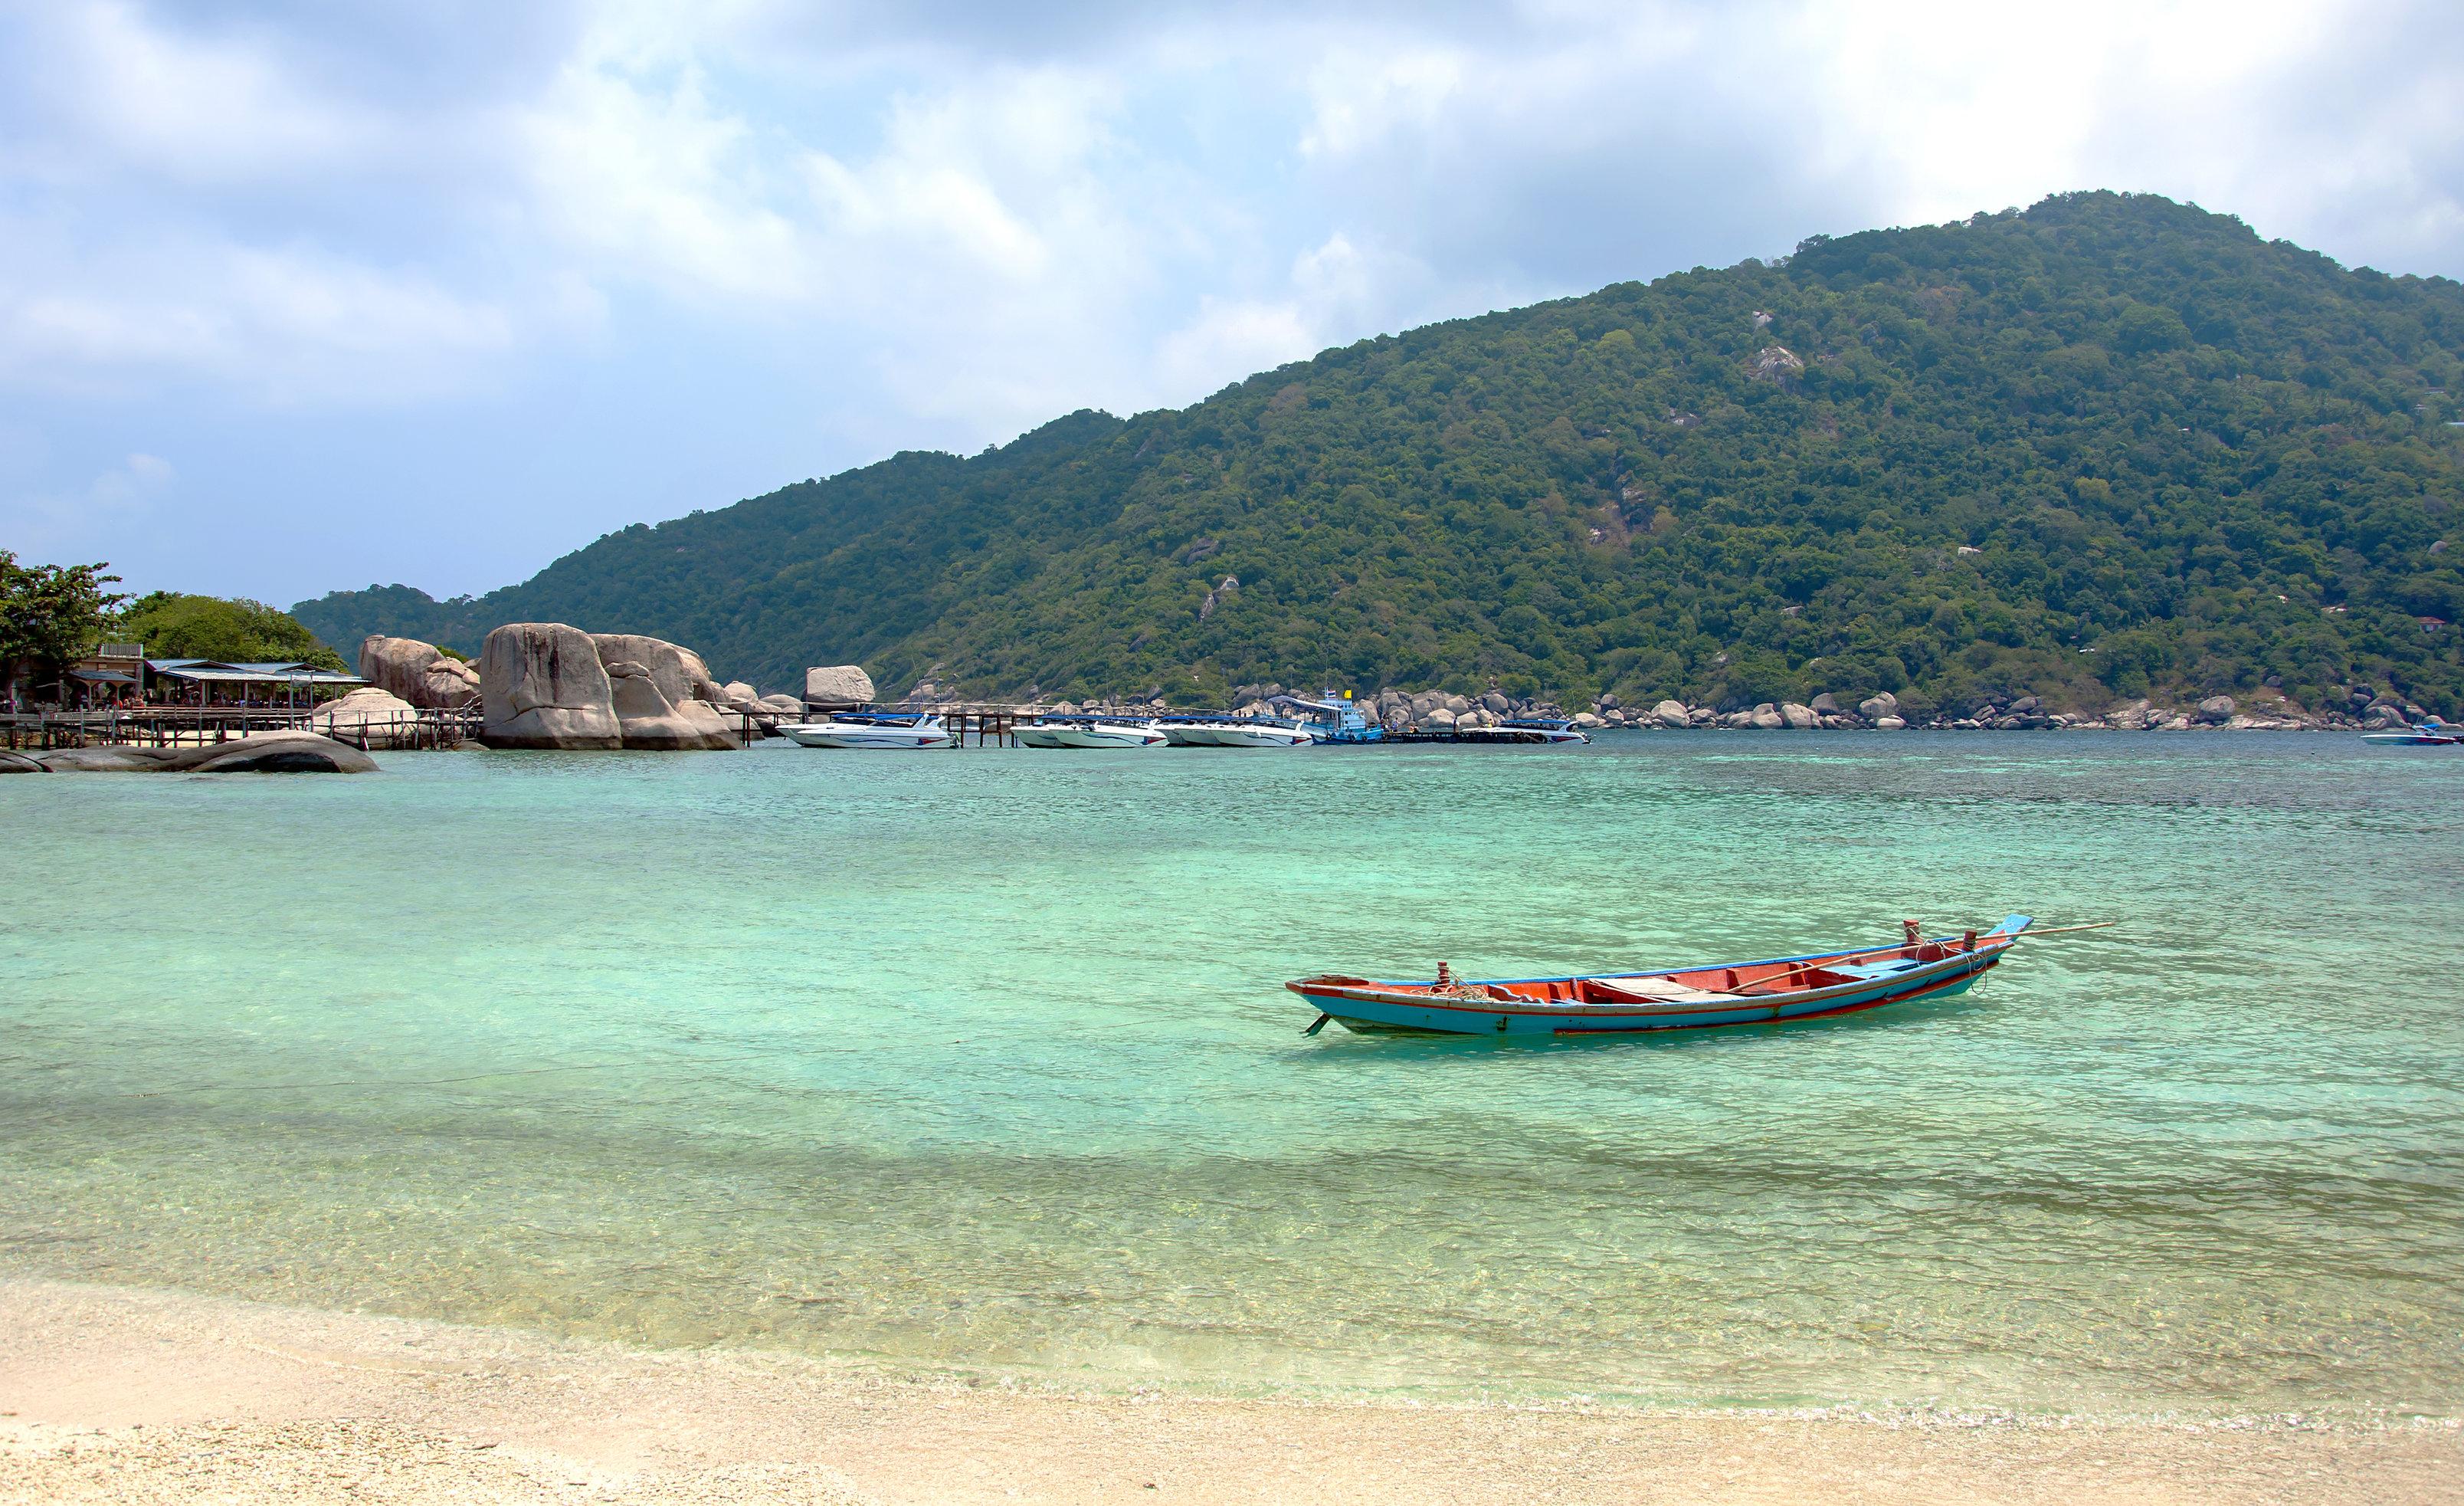 Leren genieten van kleine dingen eiland met boot